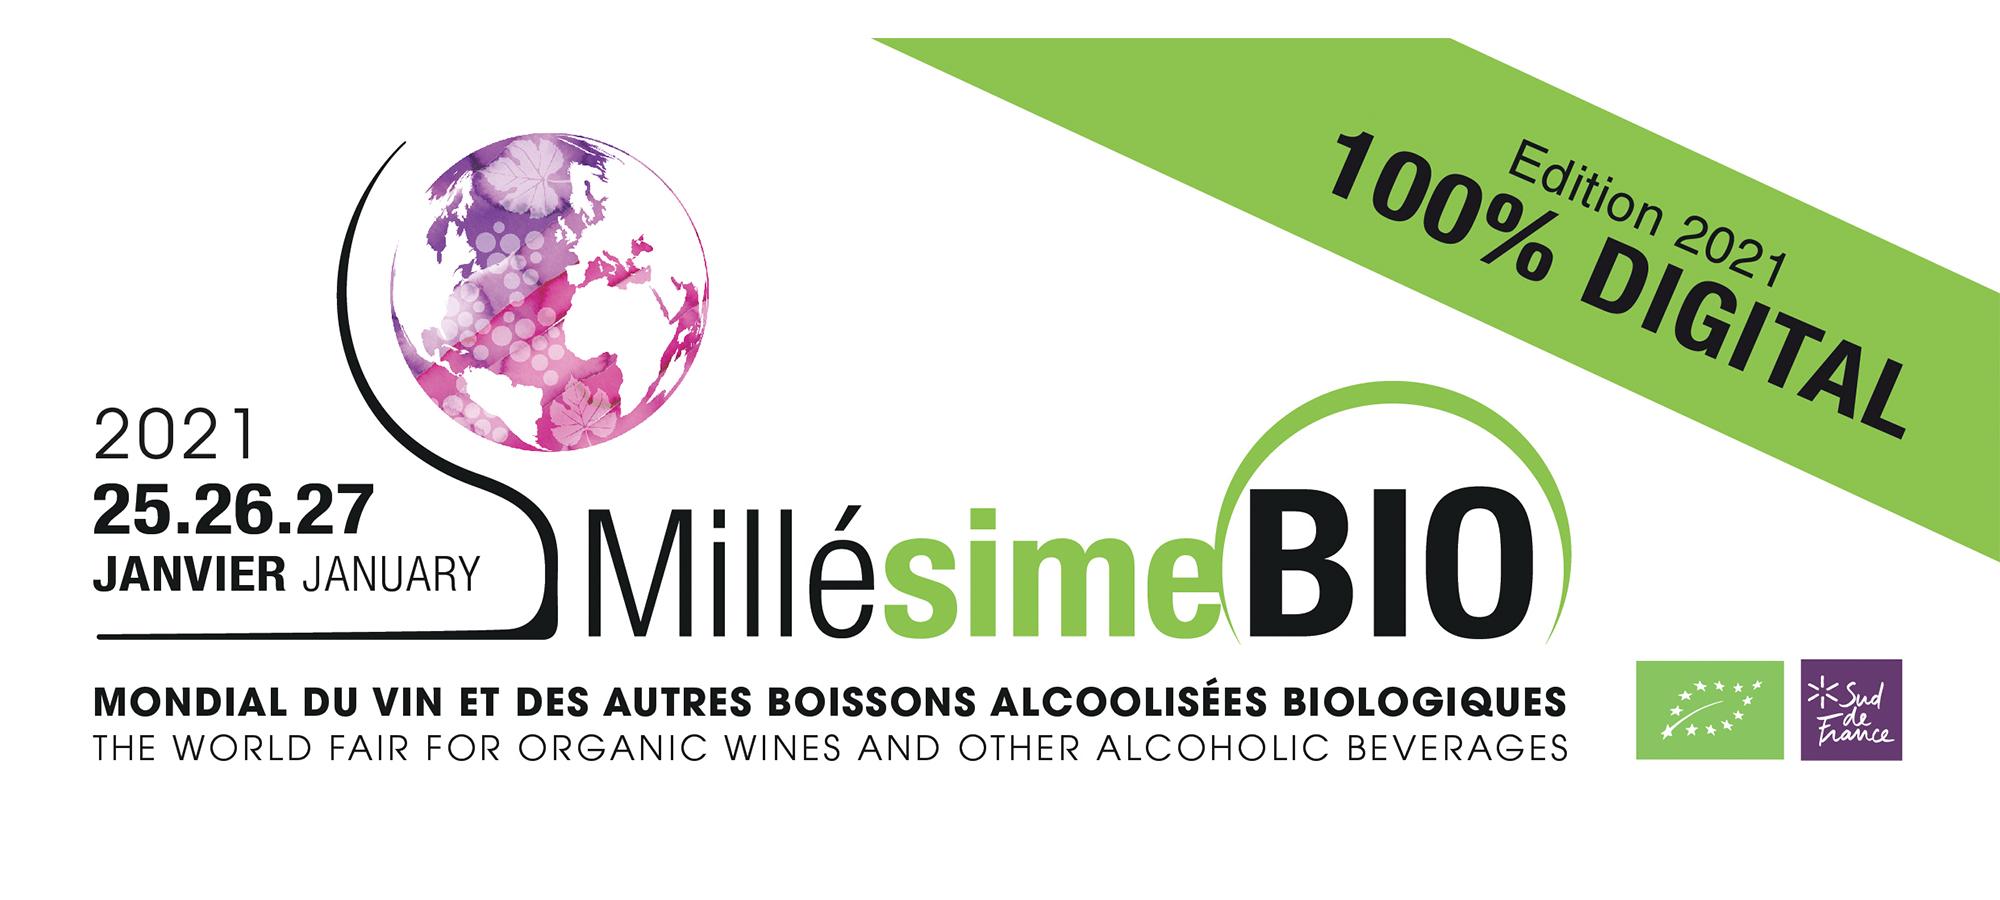 Actualités : Millésime bio 2021 - Domaine des Pasquiers